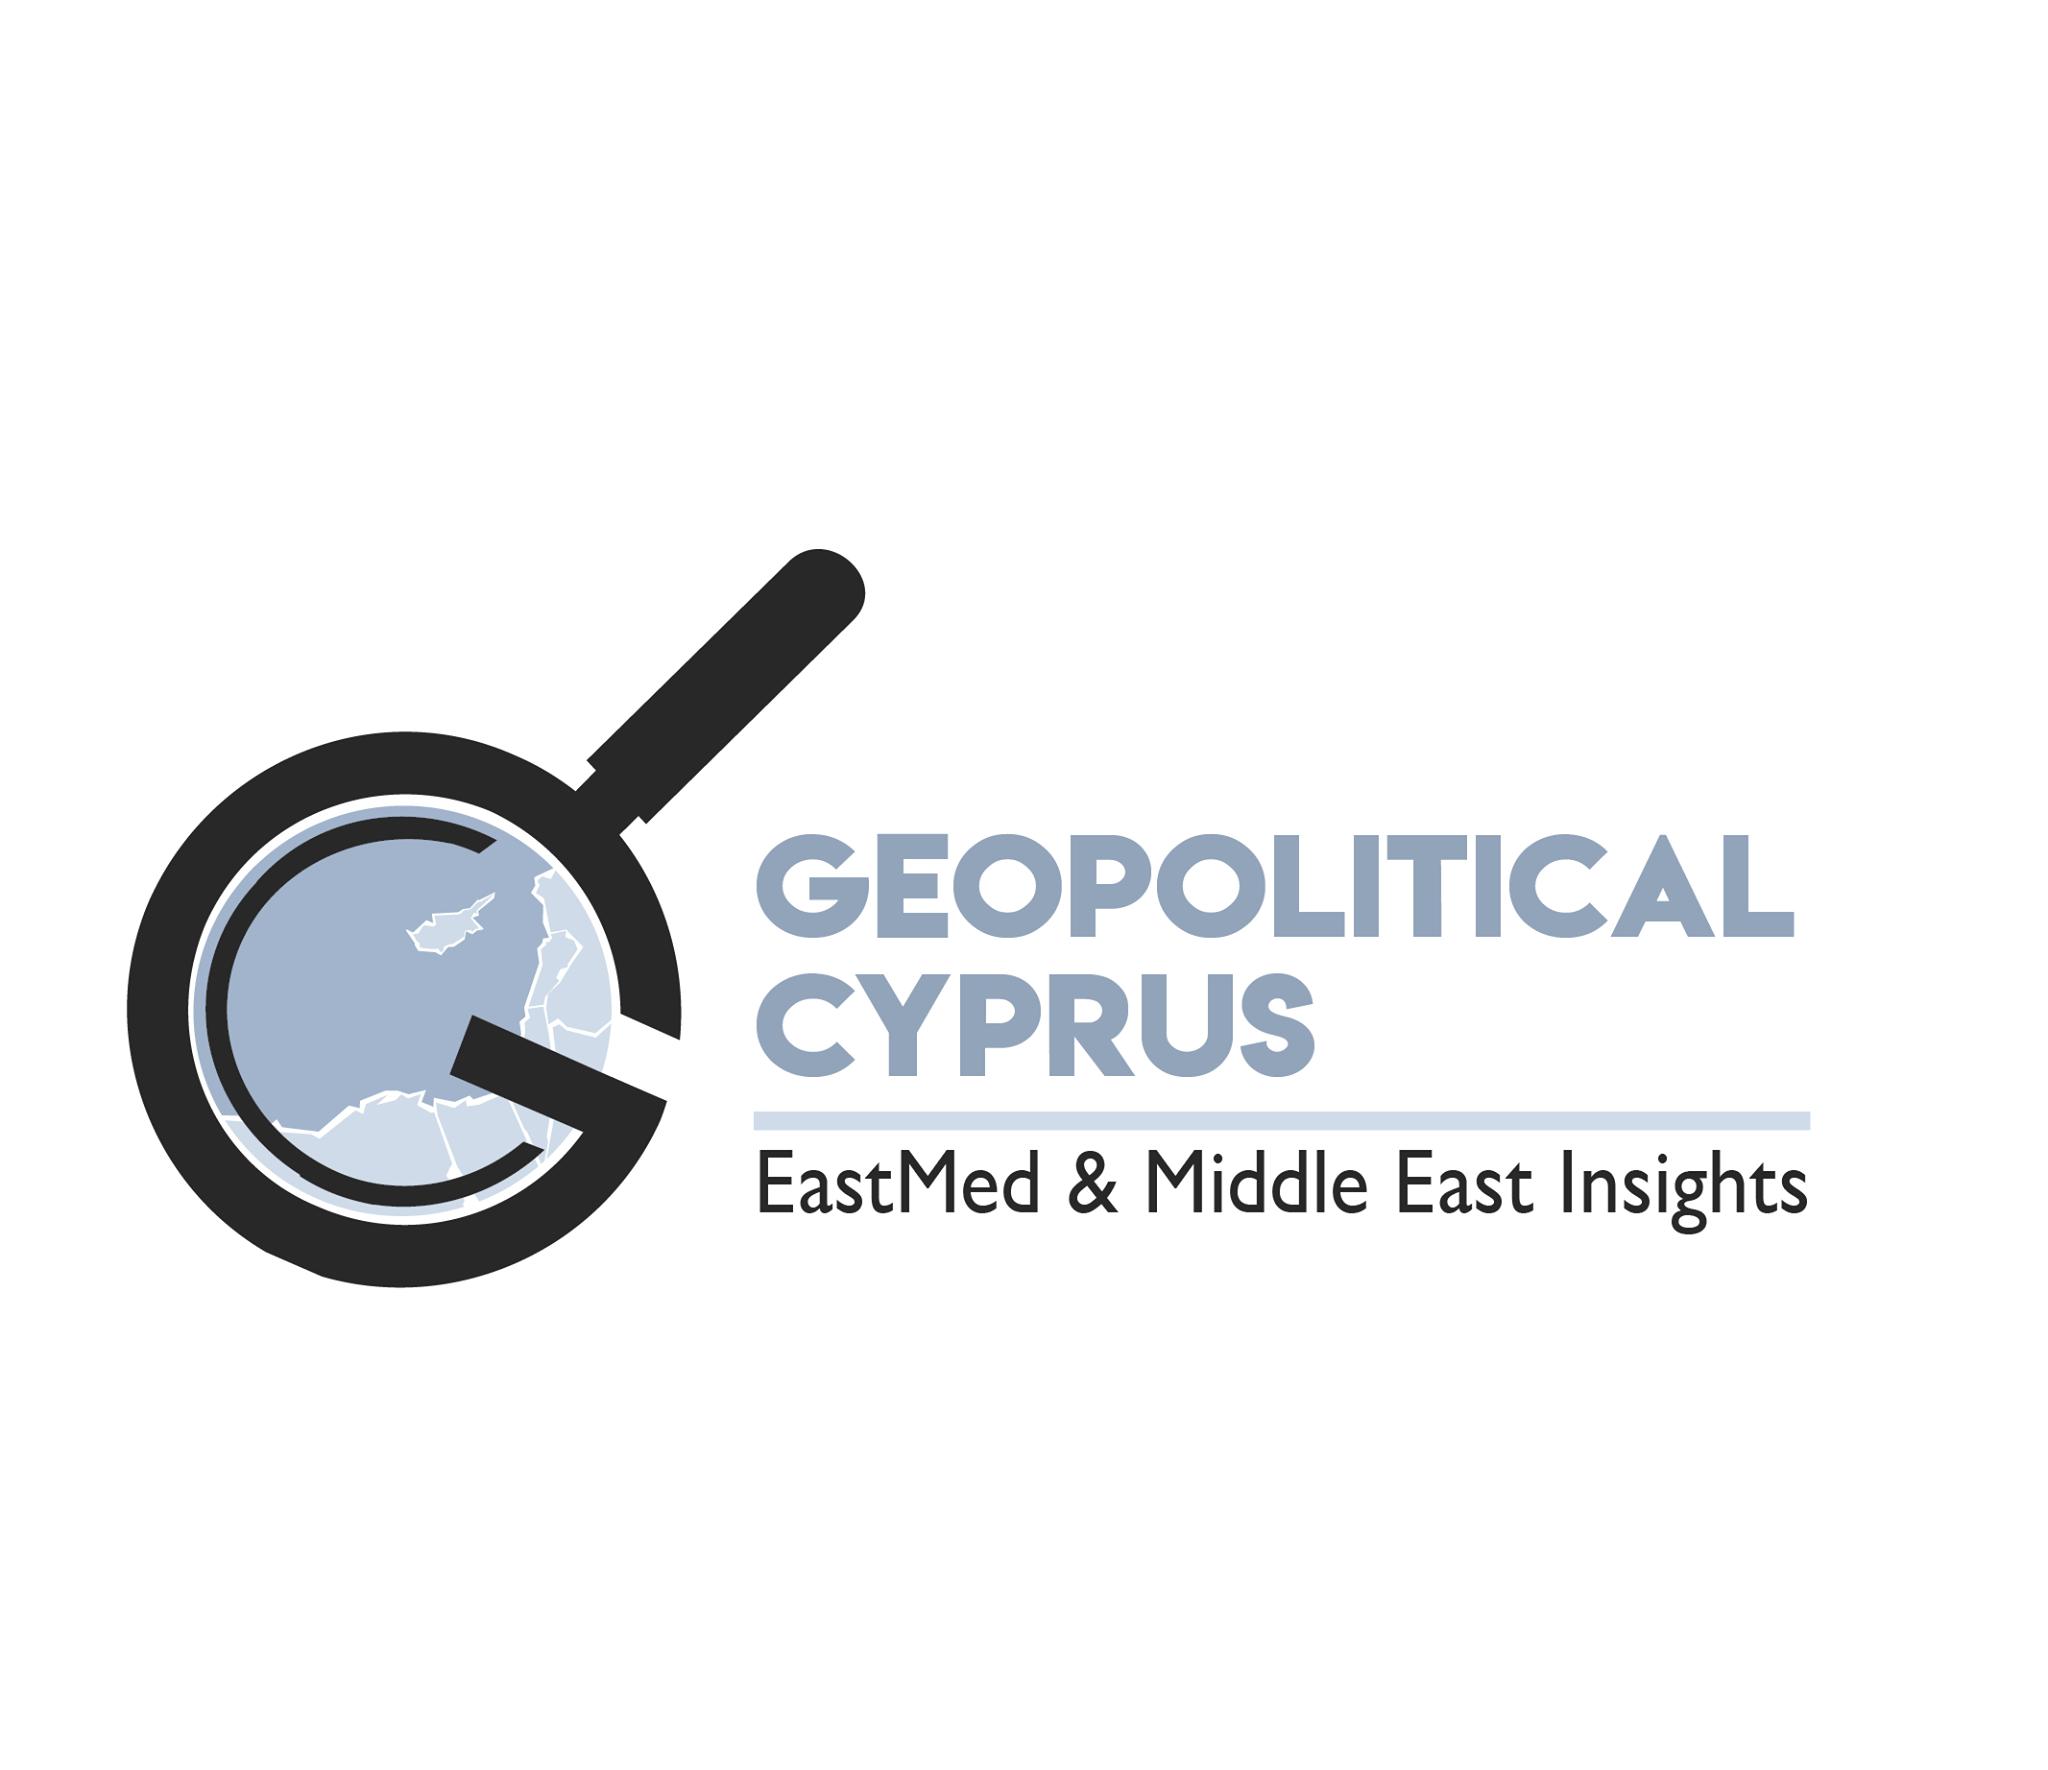 Geopolitical Cyprus